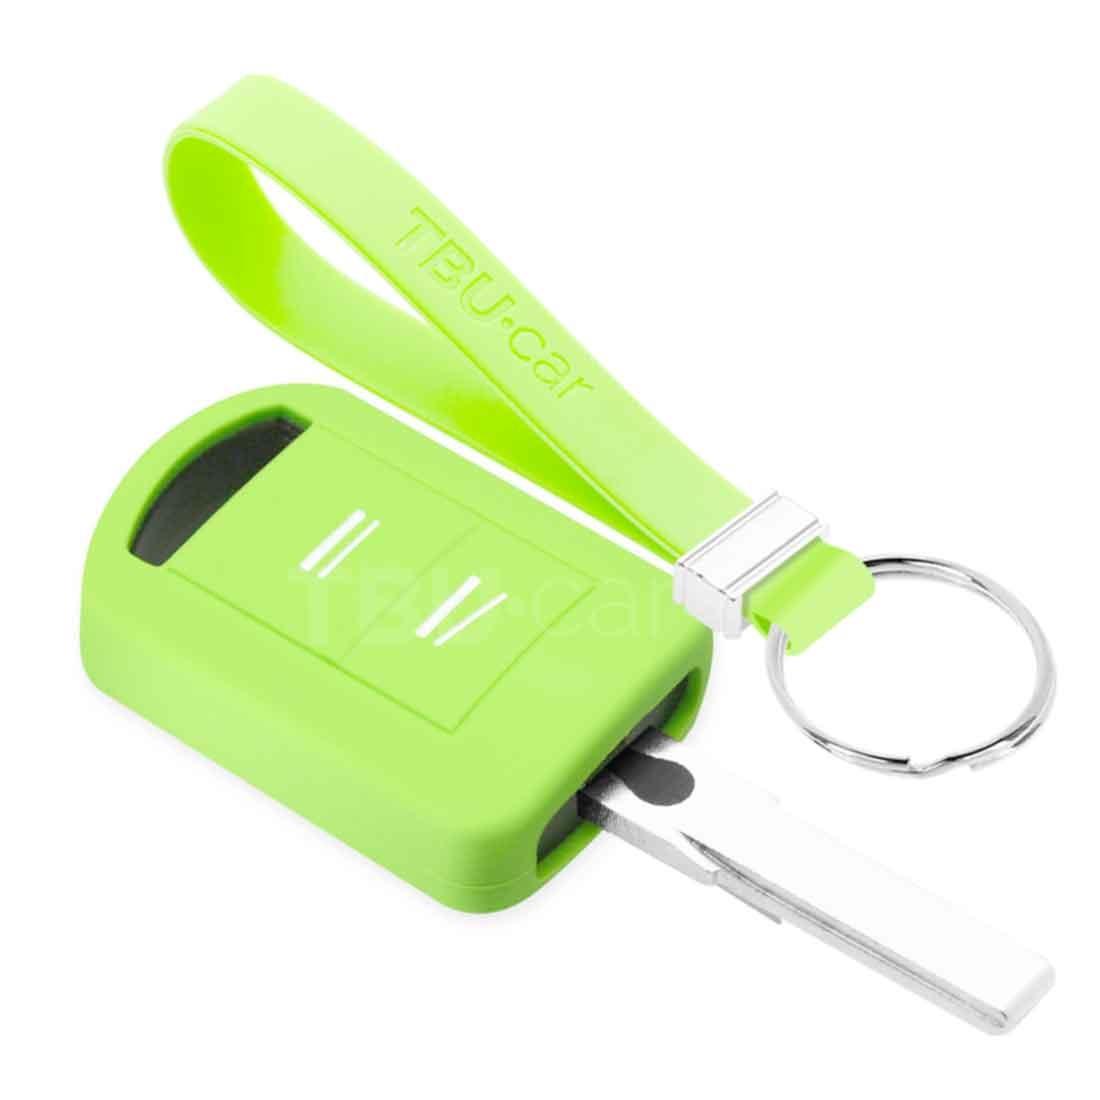 TBU car TBU car Sleutel cover compatibel met Opel - Silicone sleutelhoesje - beschermhoesje autosleutel - Glow in the Dark